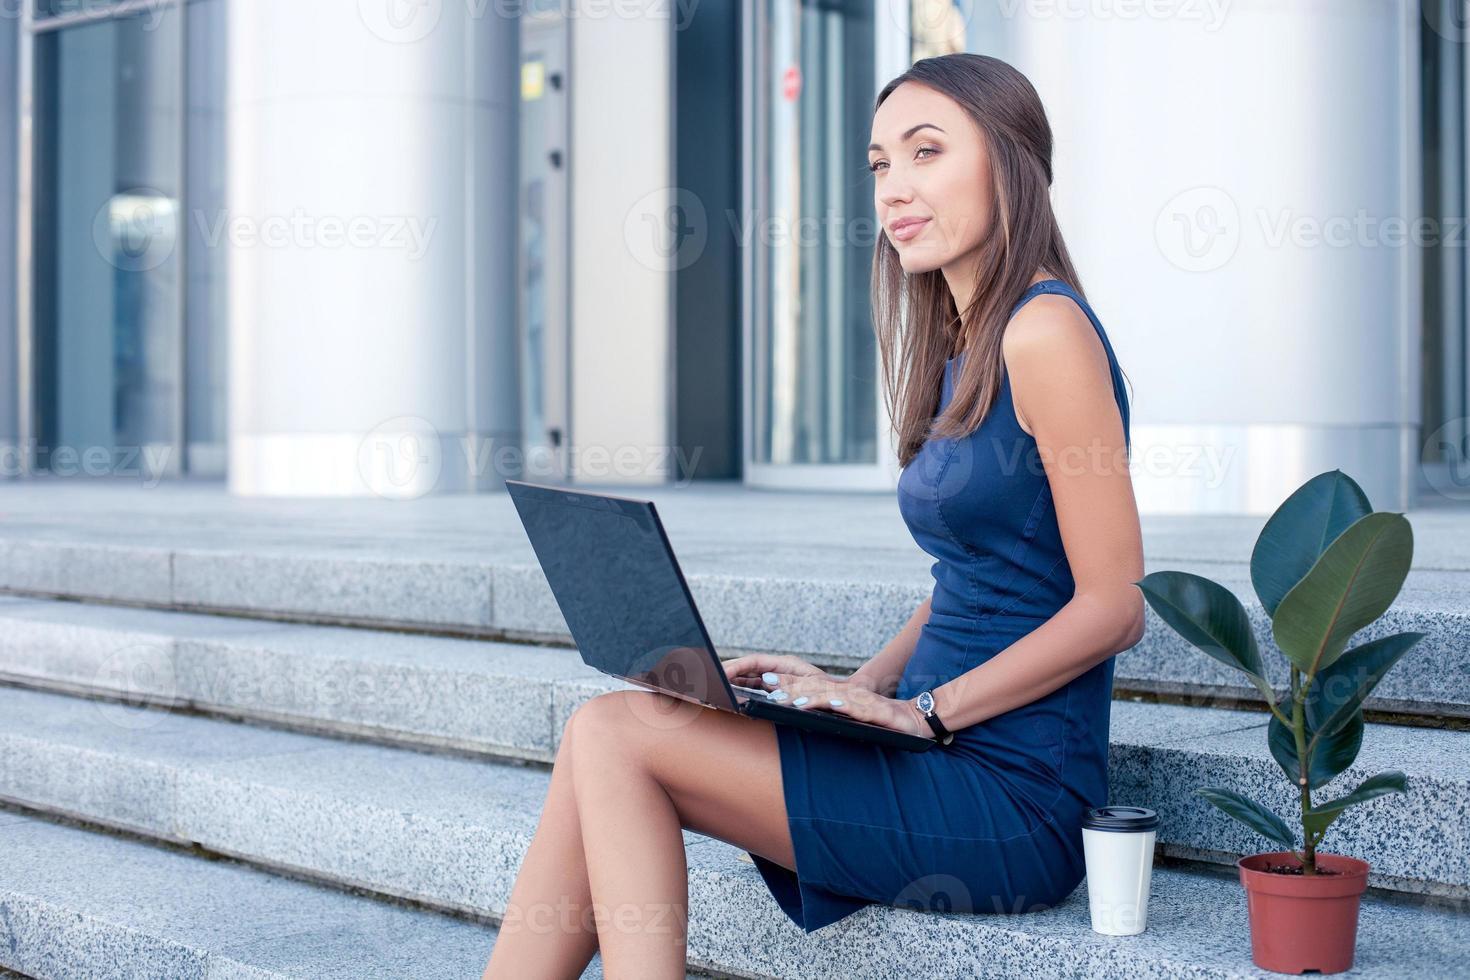 belle jeune femme travaille avec un ordinateur portable photo